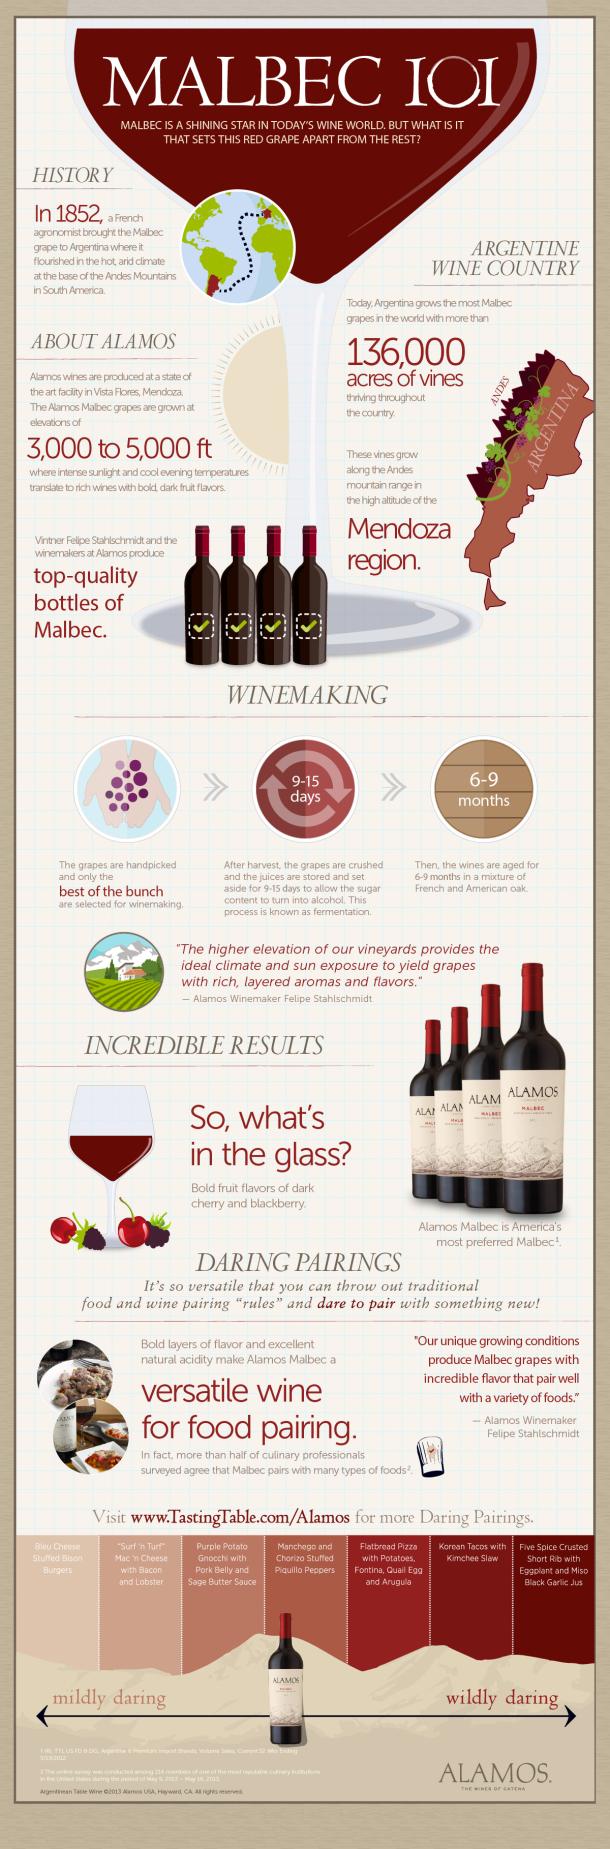 malbec-101_Infographic